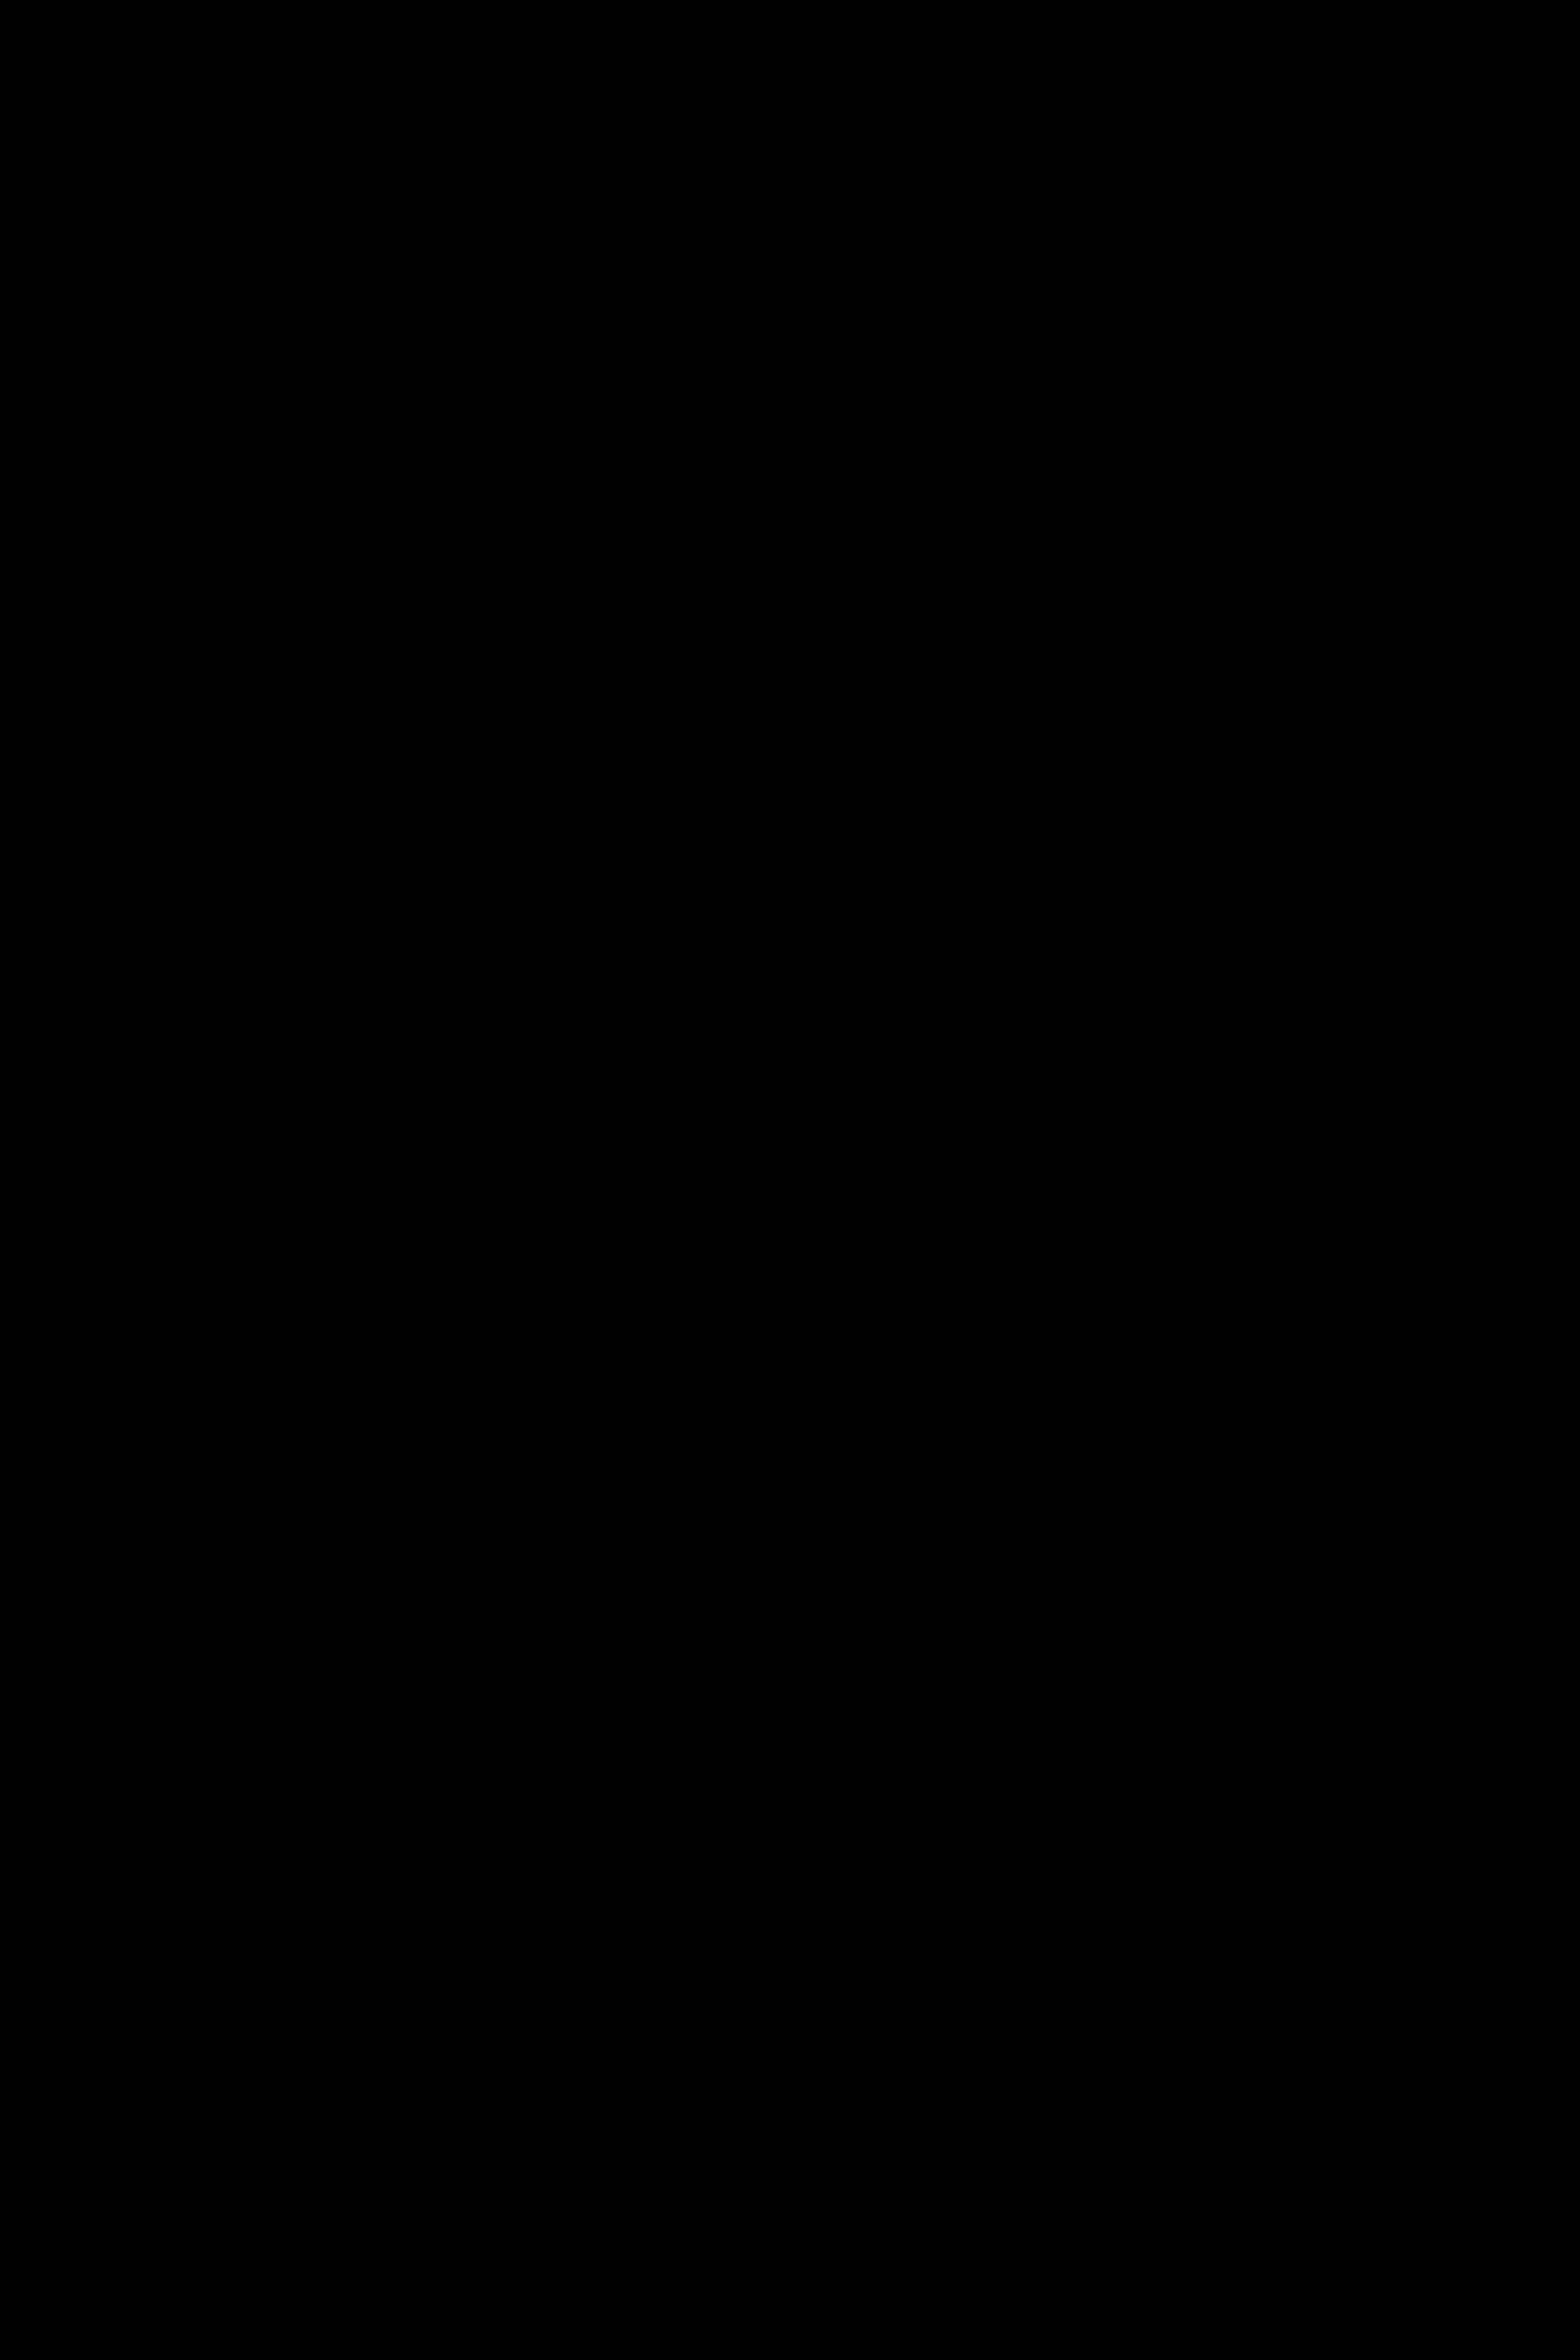 Бетховенский марафон пройдет в Московской консерватории